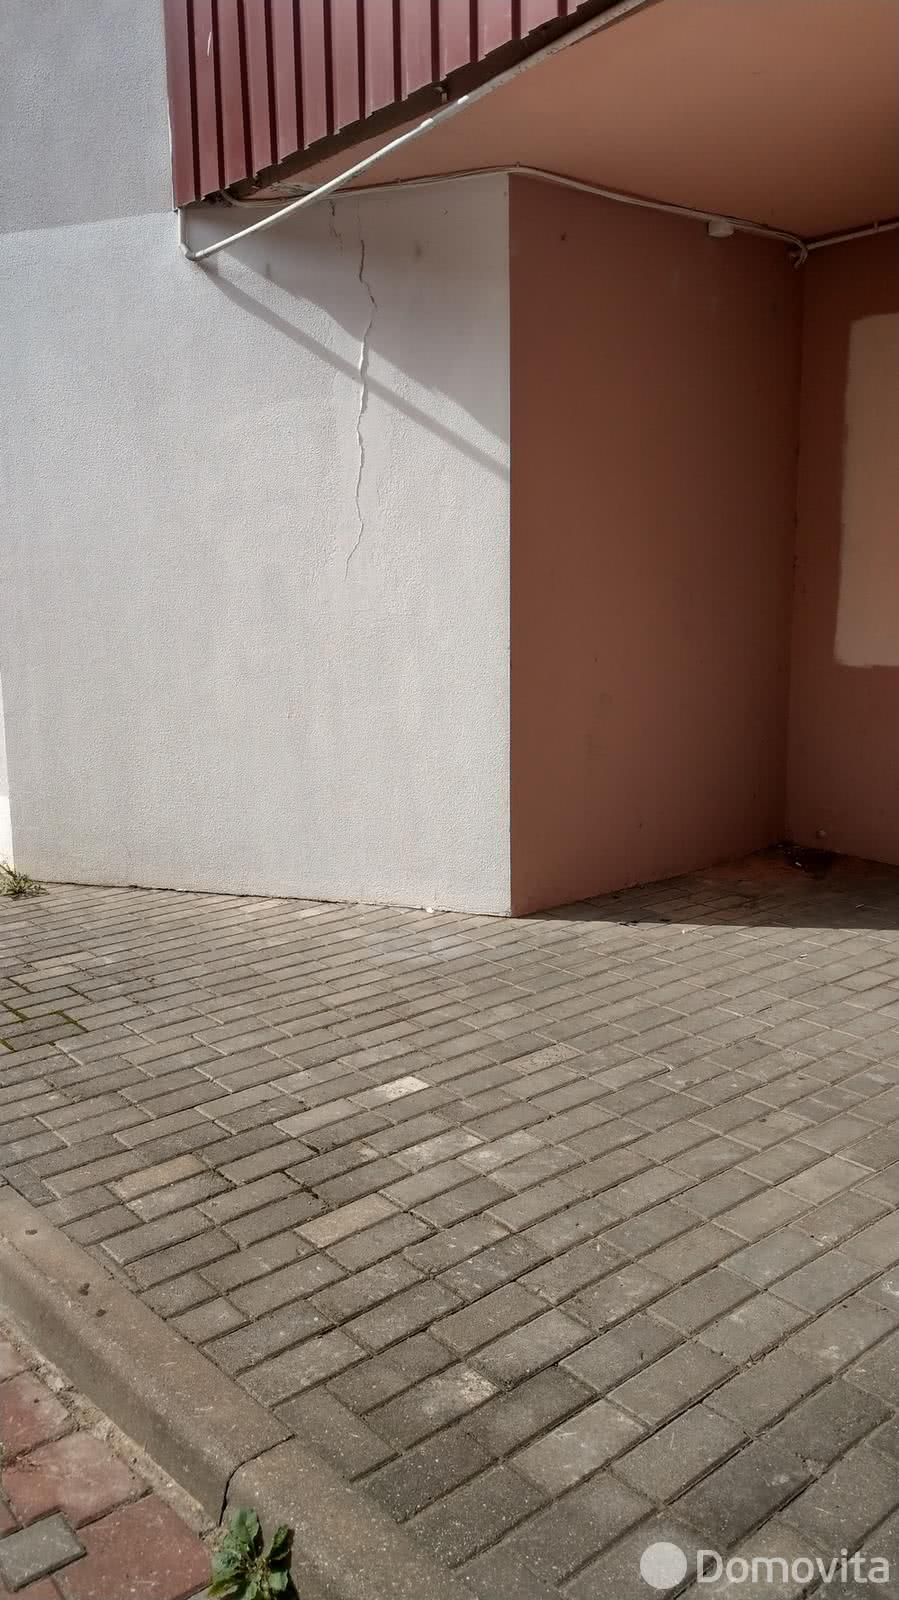 Снять склад на ул. Немига, д. 3А/1 в Минске - фото 2